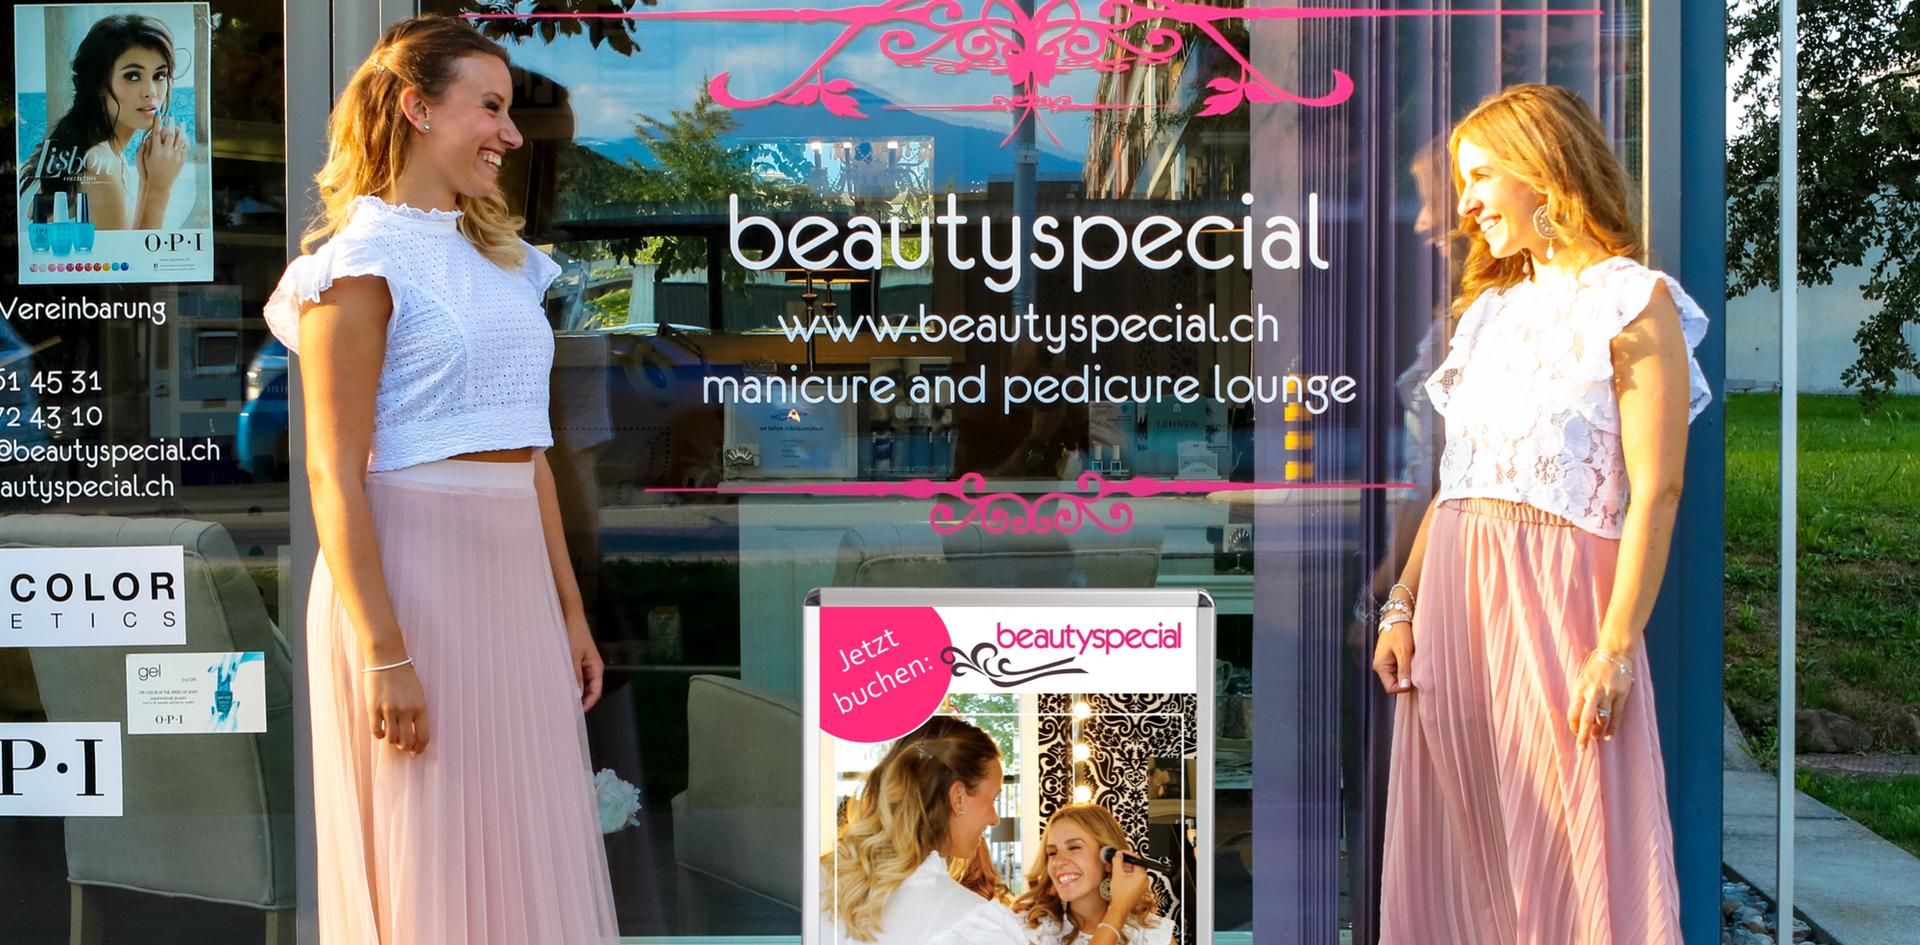 Beautyspecial